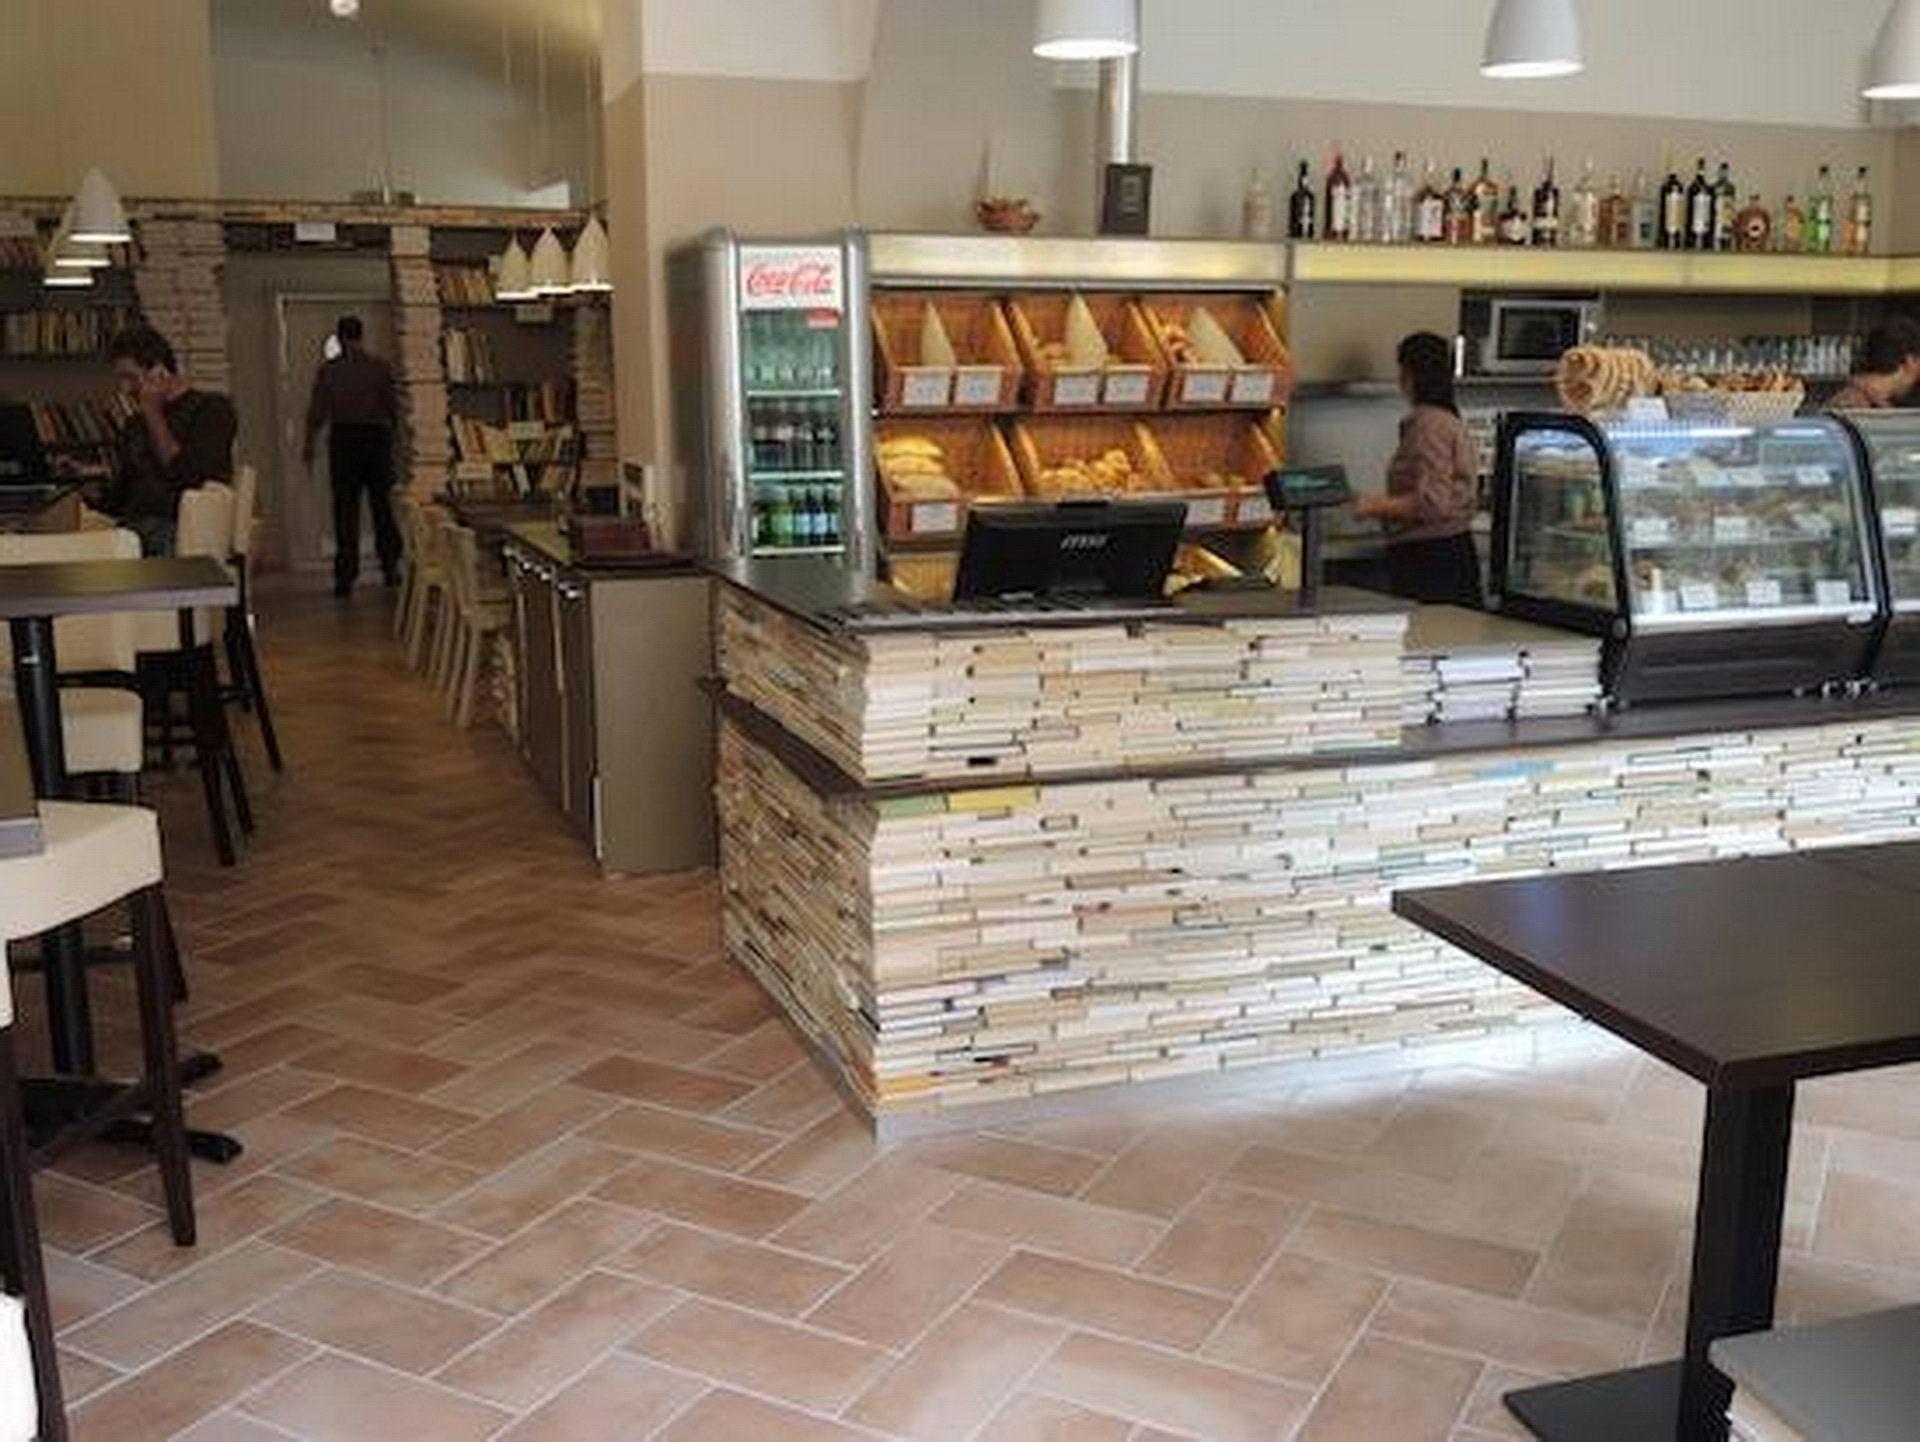 Bezprahová kavárna 1